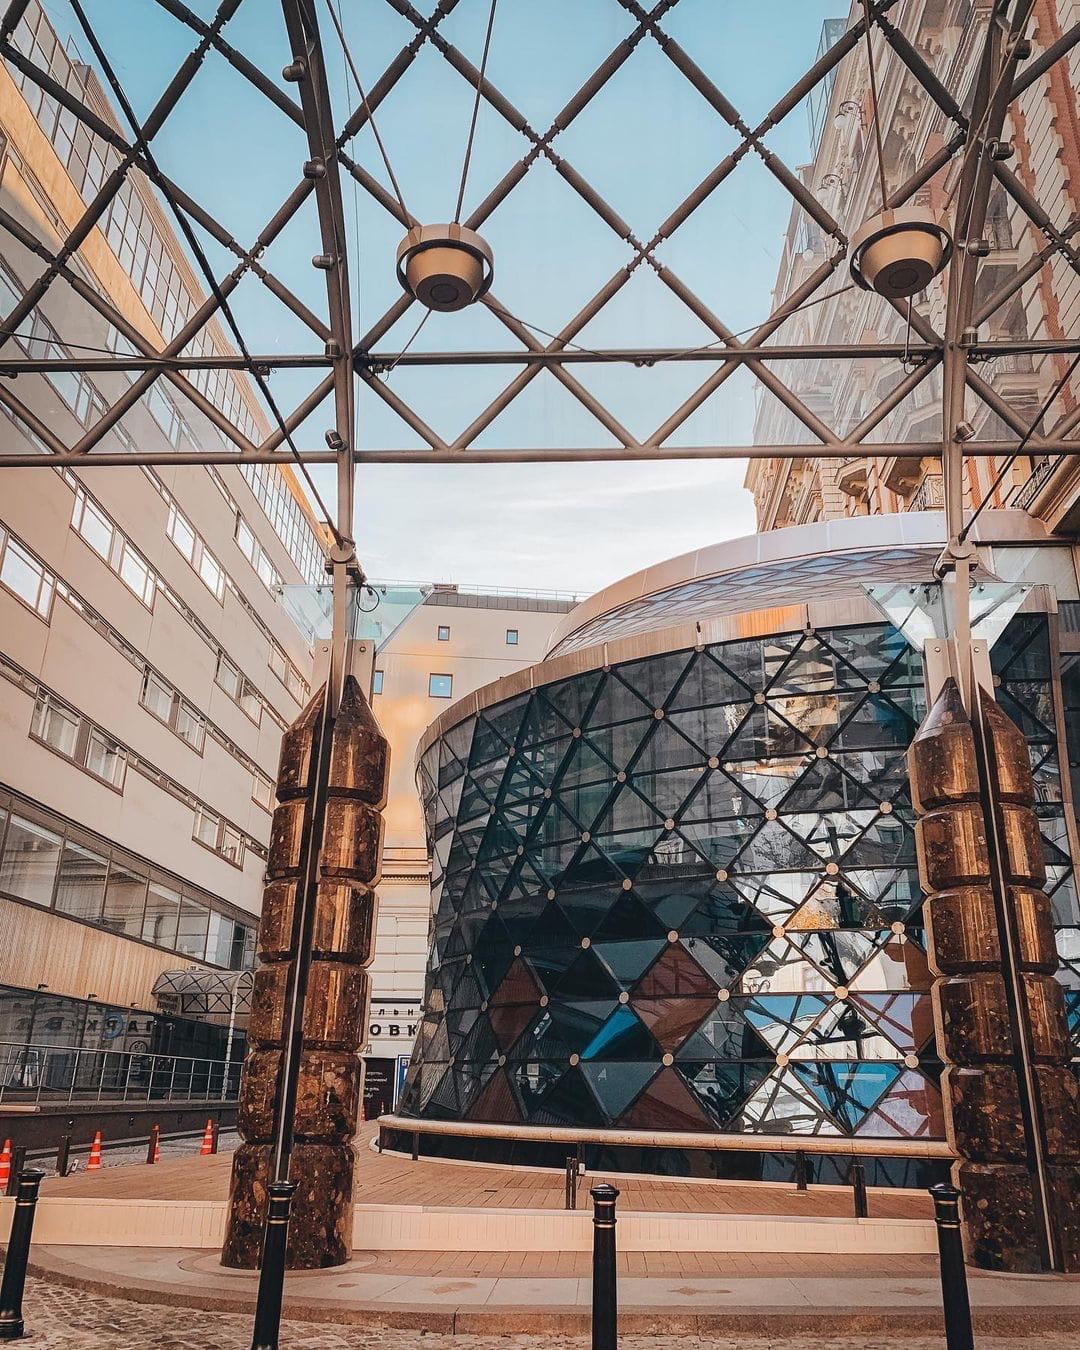 Городская эстетика и детали, на которые можно смотреть бесконечно